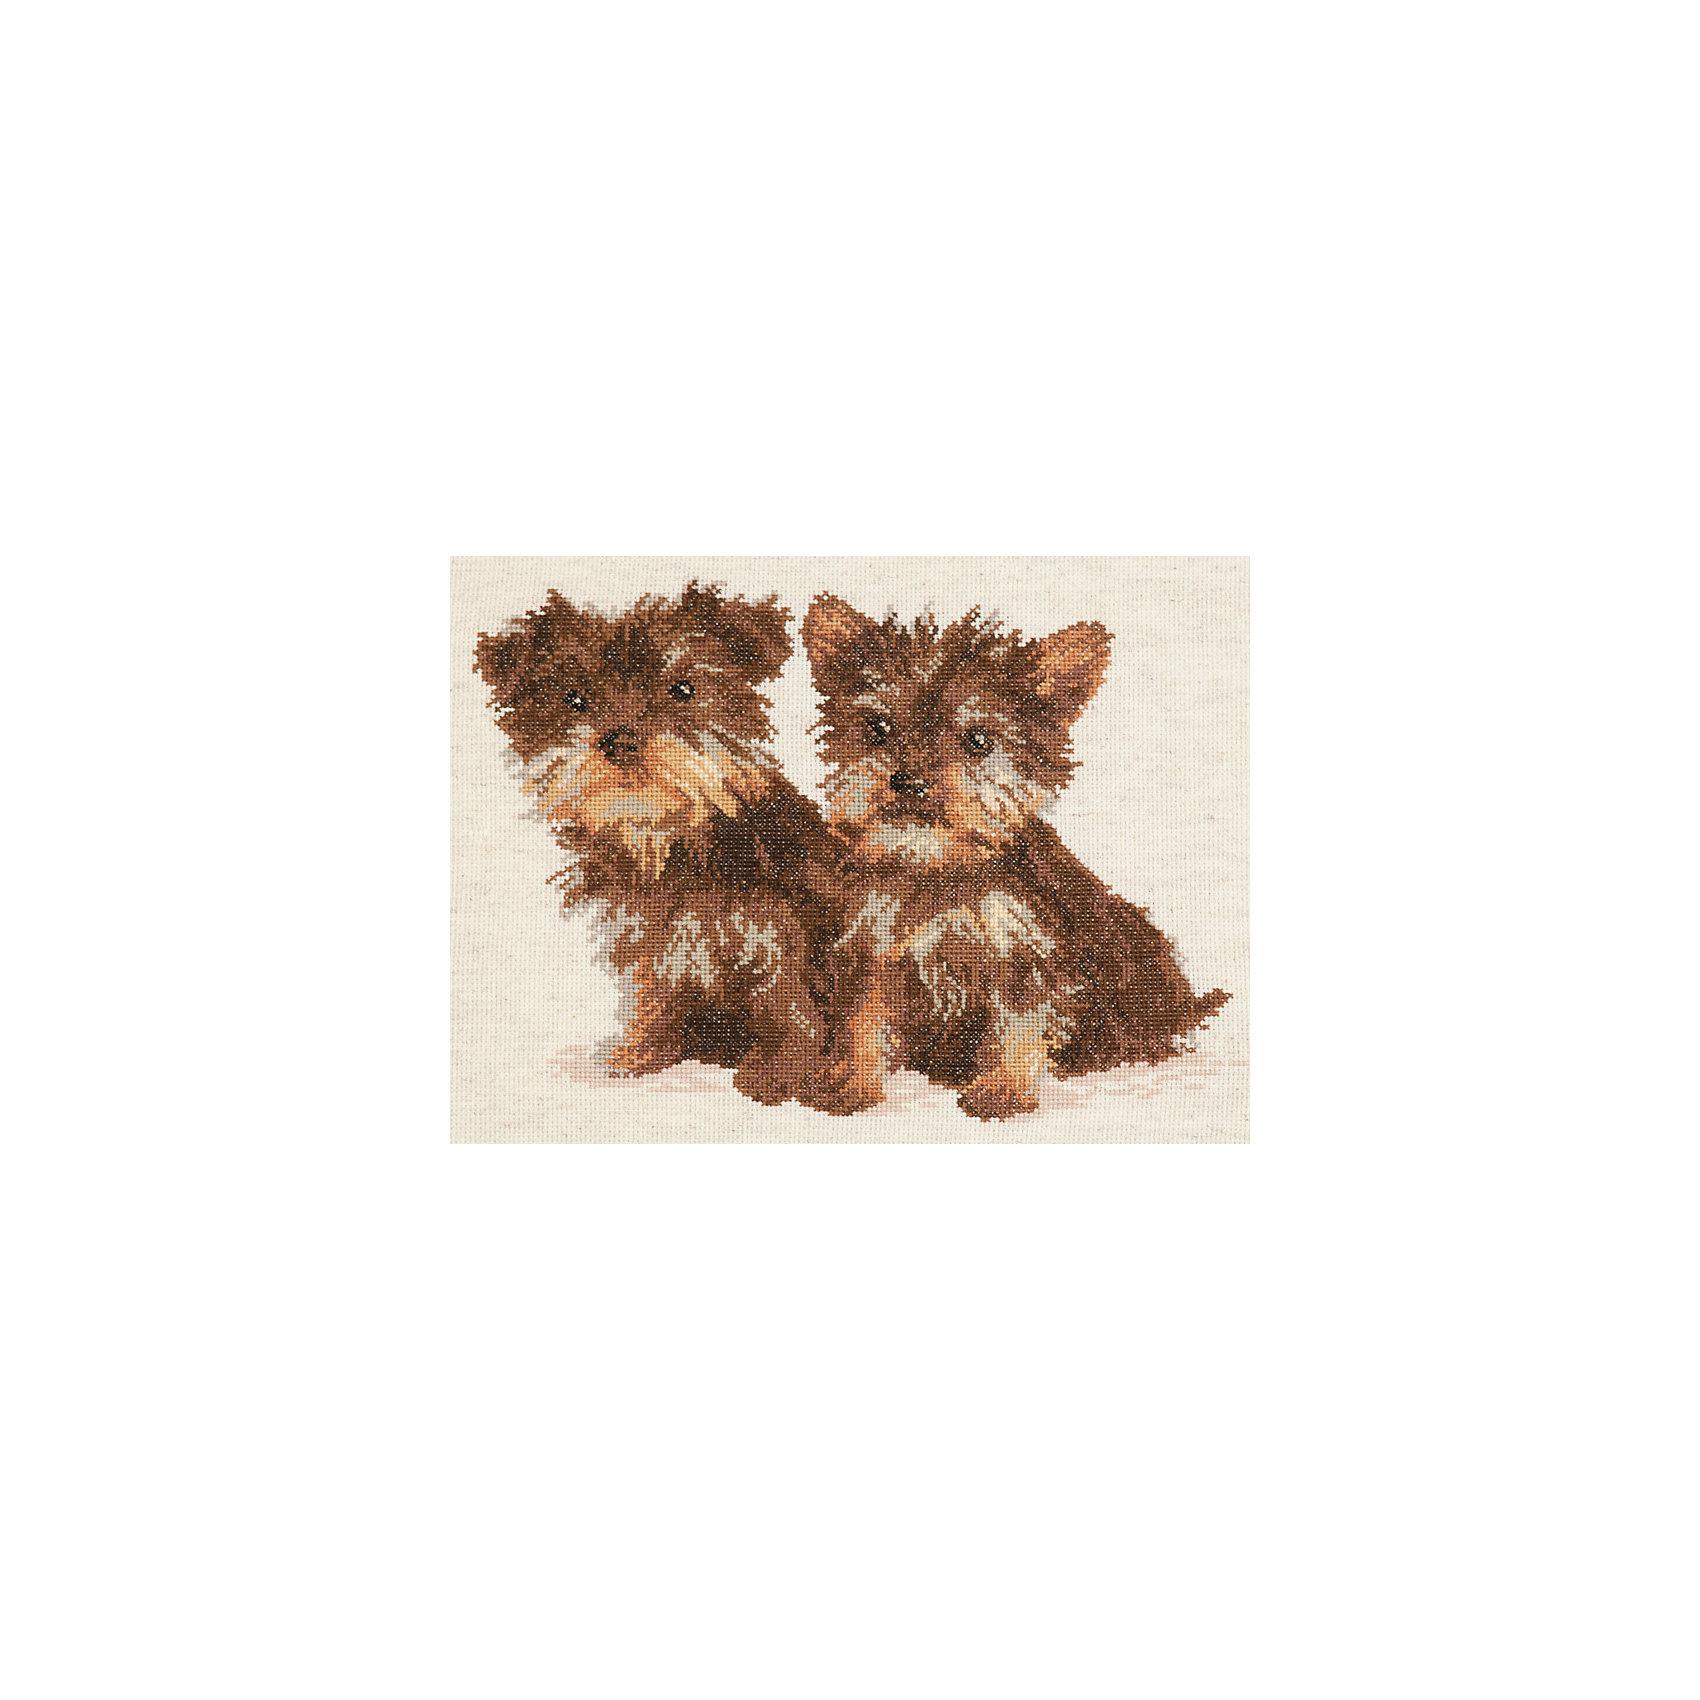 Чудесная игла Набор для вышивания крестом «Лохматые друзья» vervaco набор для вышивания лицевой стороны наволочки белый шиповник 40 40см